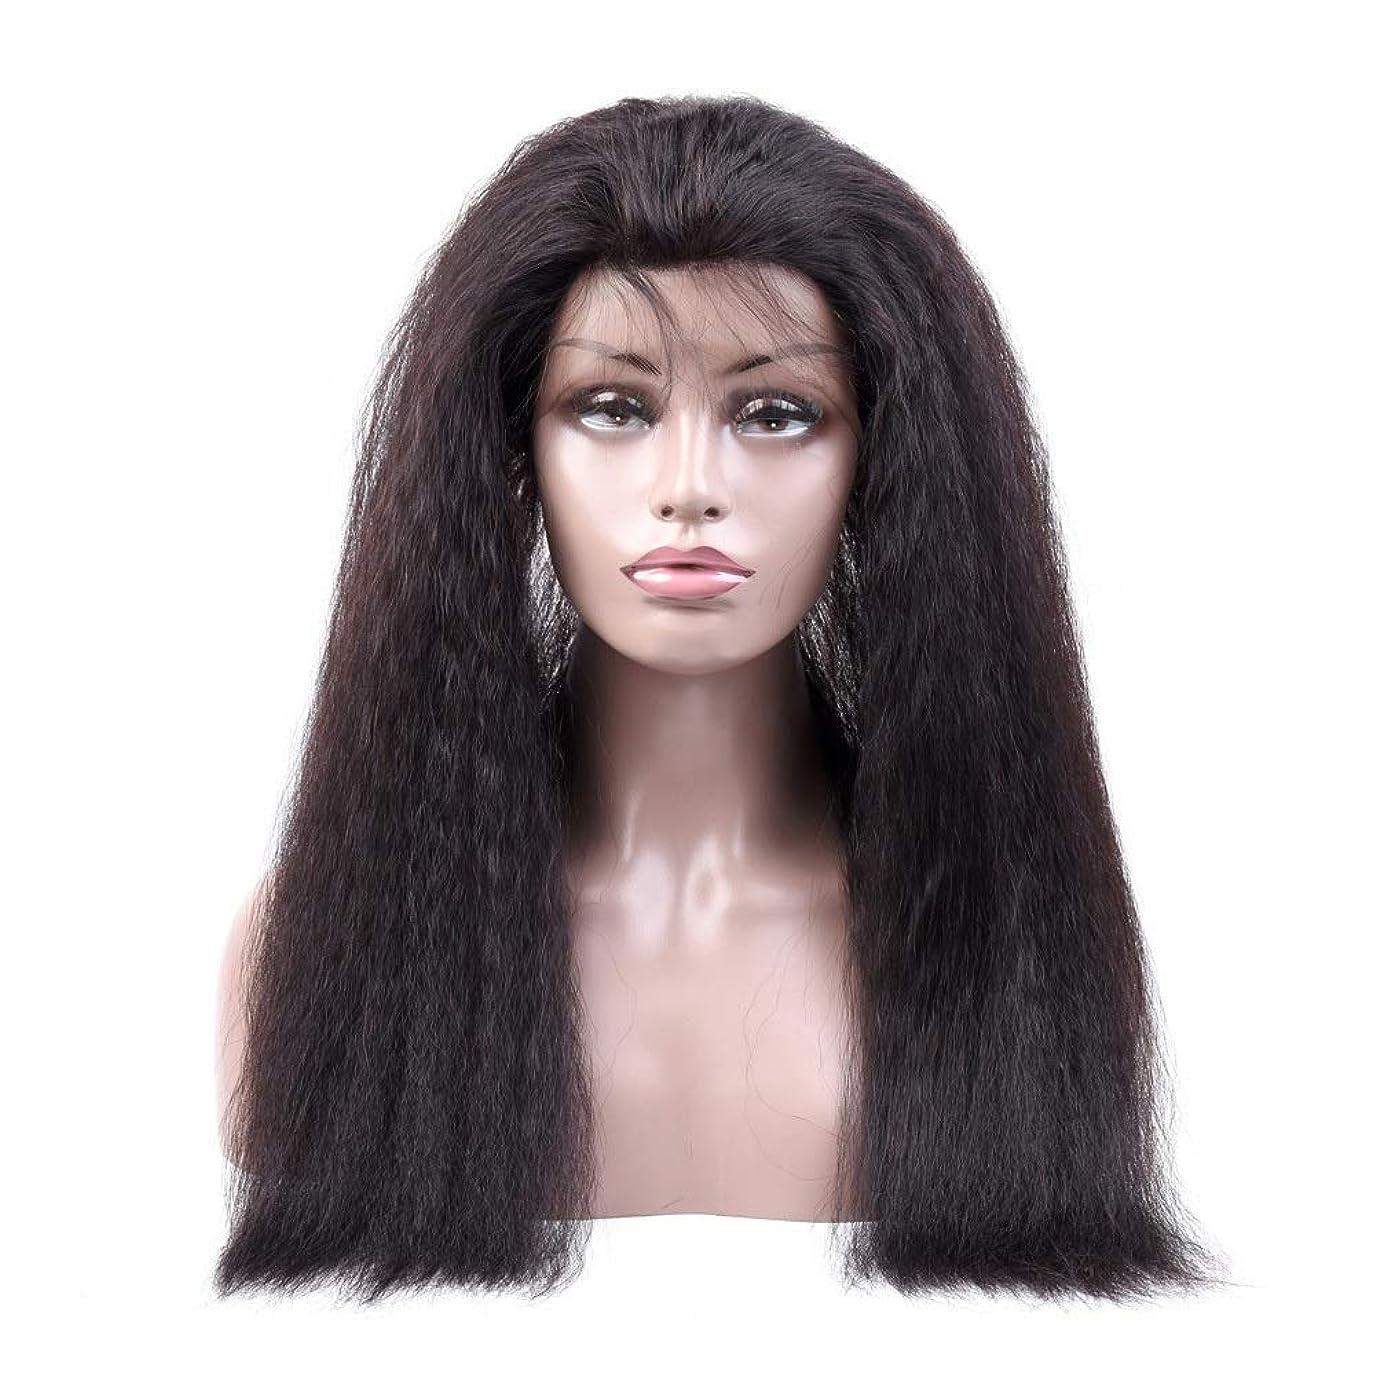 求めるスピン予防接種YESONEEP 変態ストレート人間の髪の毛のかつら360レース前頭かつら#1Bナチュラルカラー女性複合かつらレースかつらロールプレイングかつら (色 : 黒, サイズ : 14 inch)